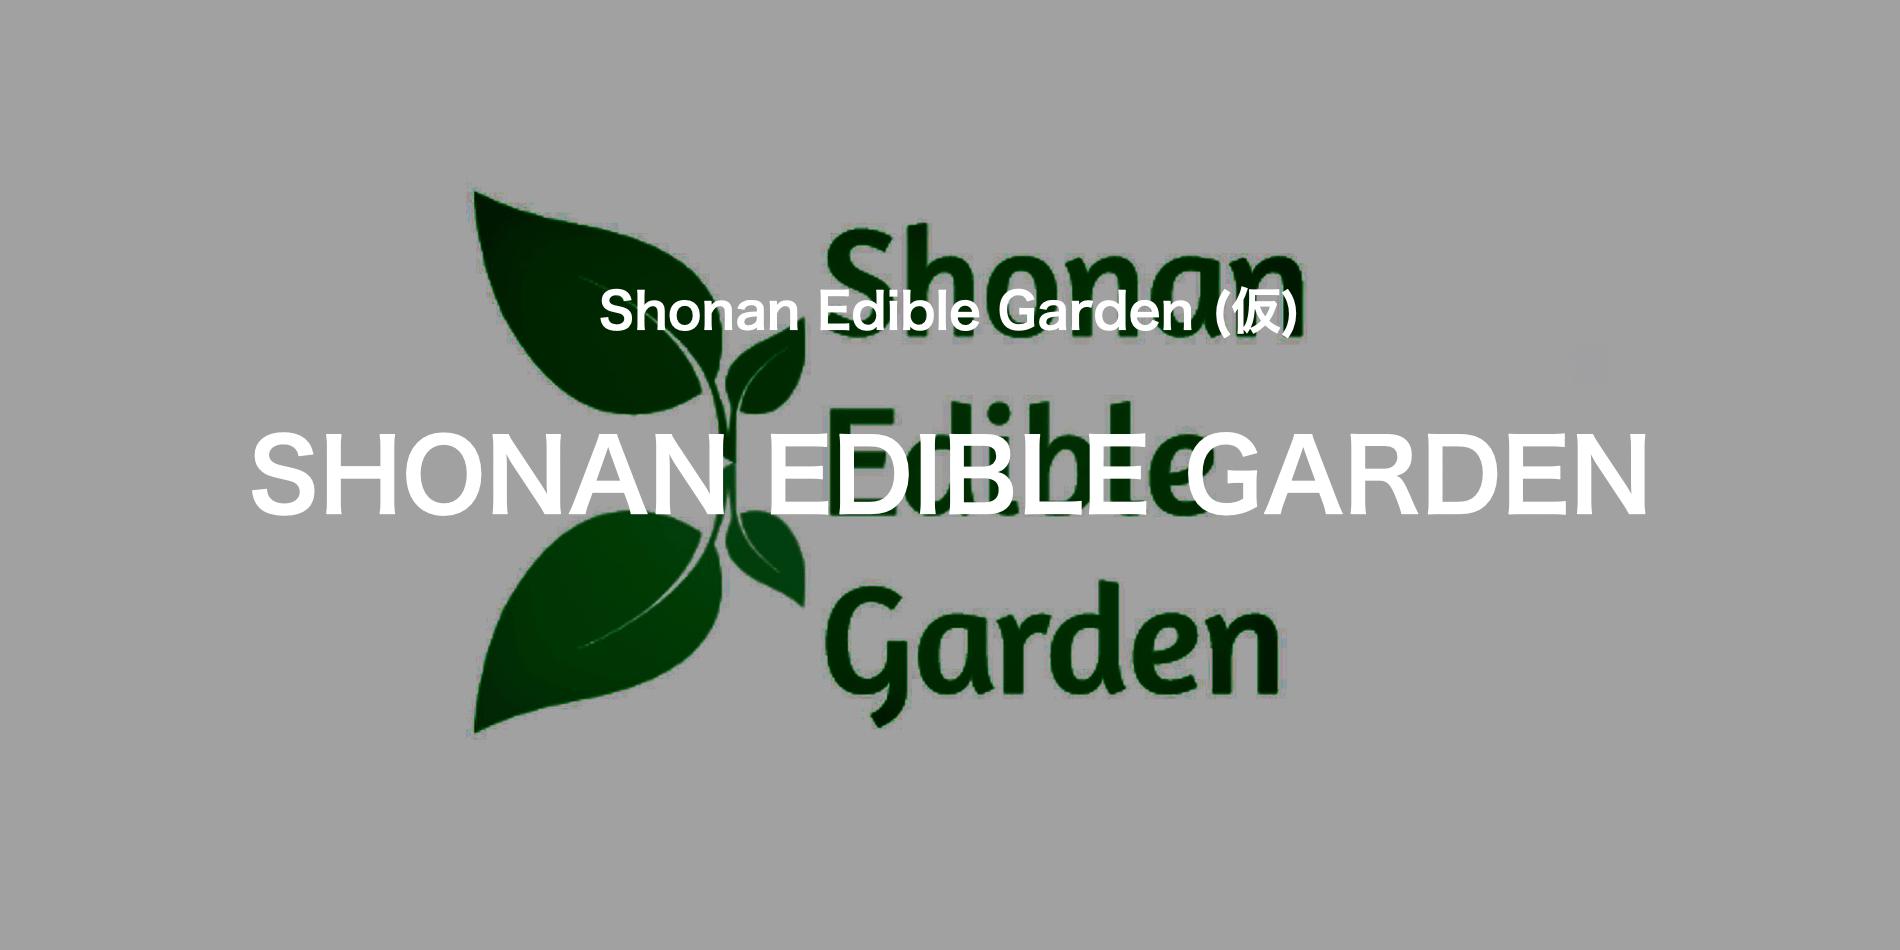 Shonan Edible Garden